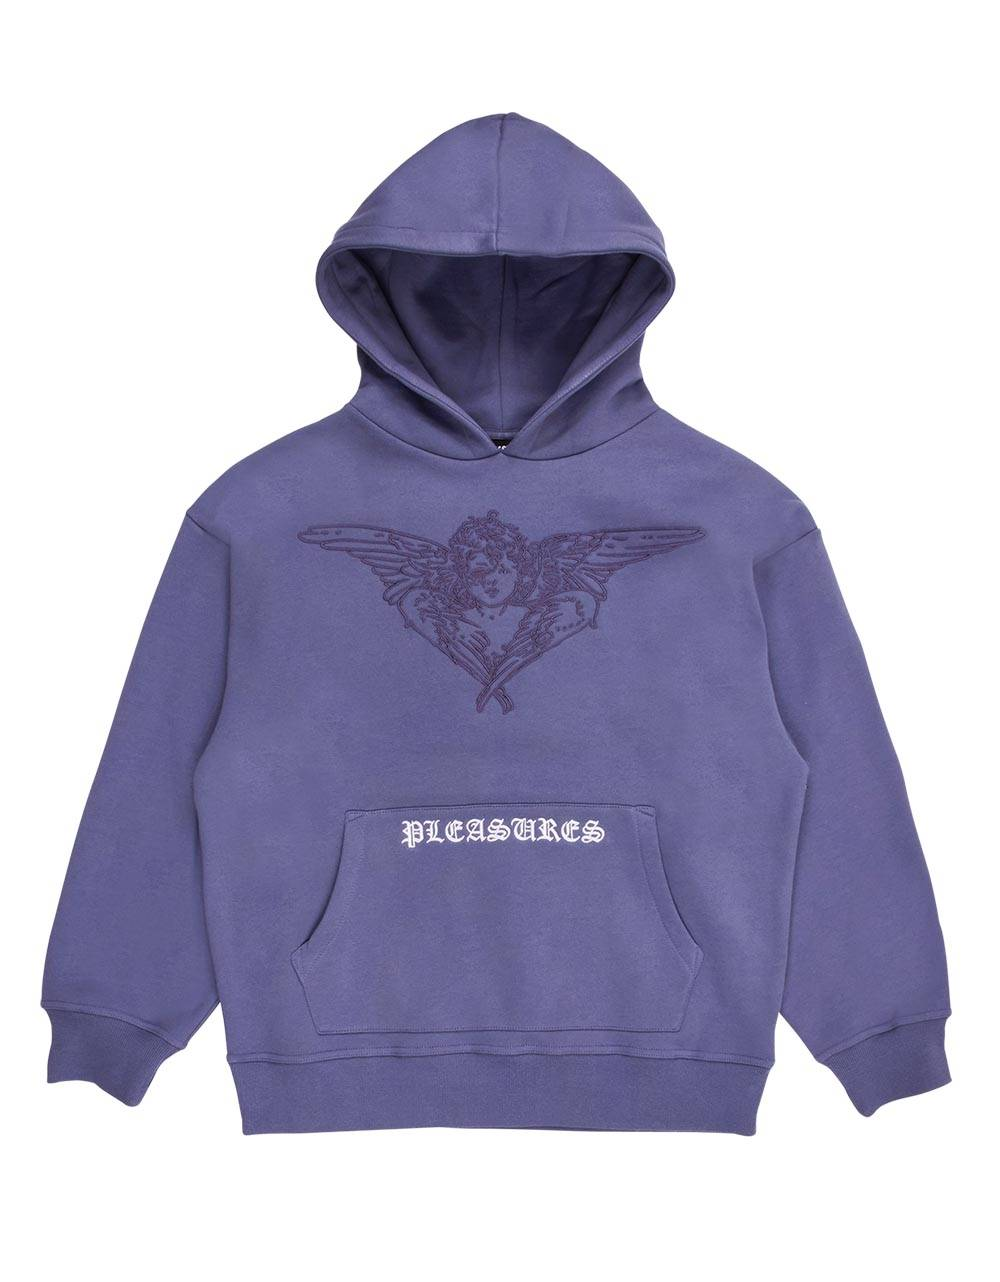 Pleasures Angel hoodie - purple Pleasures Sweater 136,00€